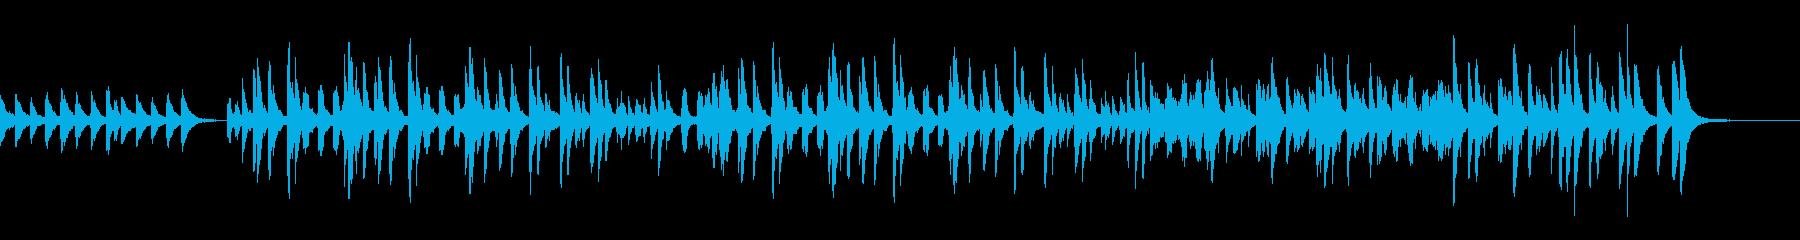 マリンバがメインのアップテンポBGMの再生済みの波形